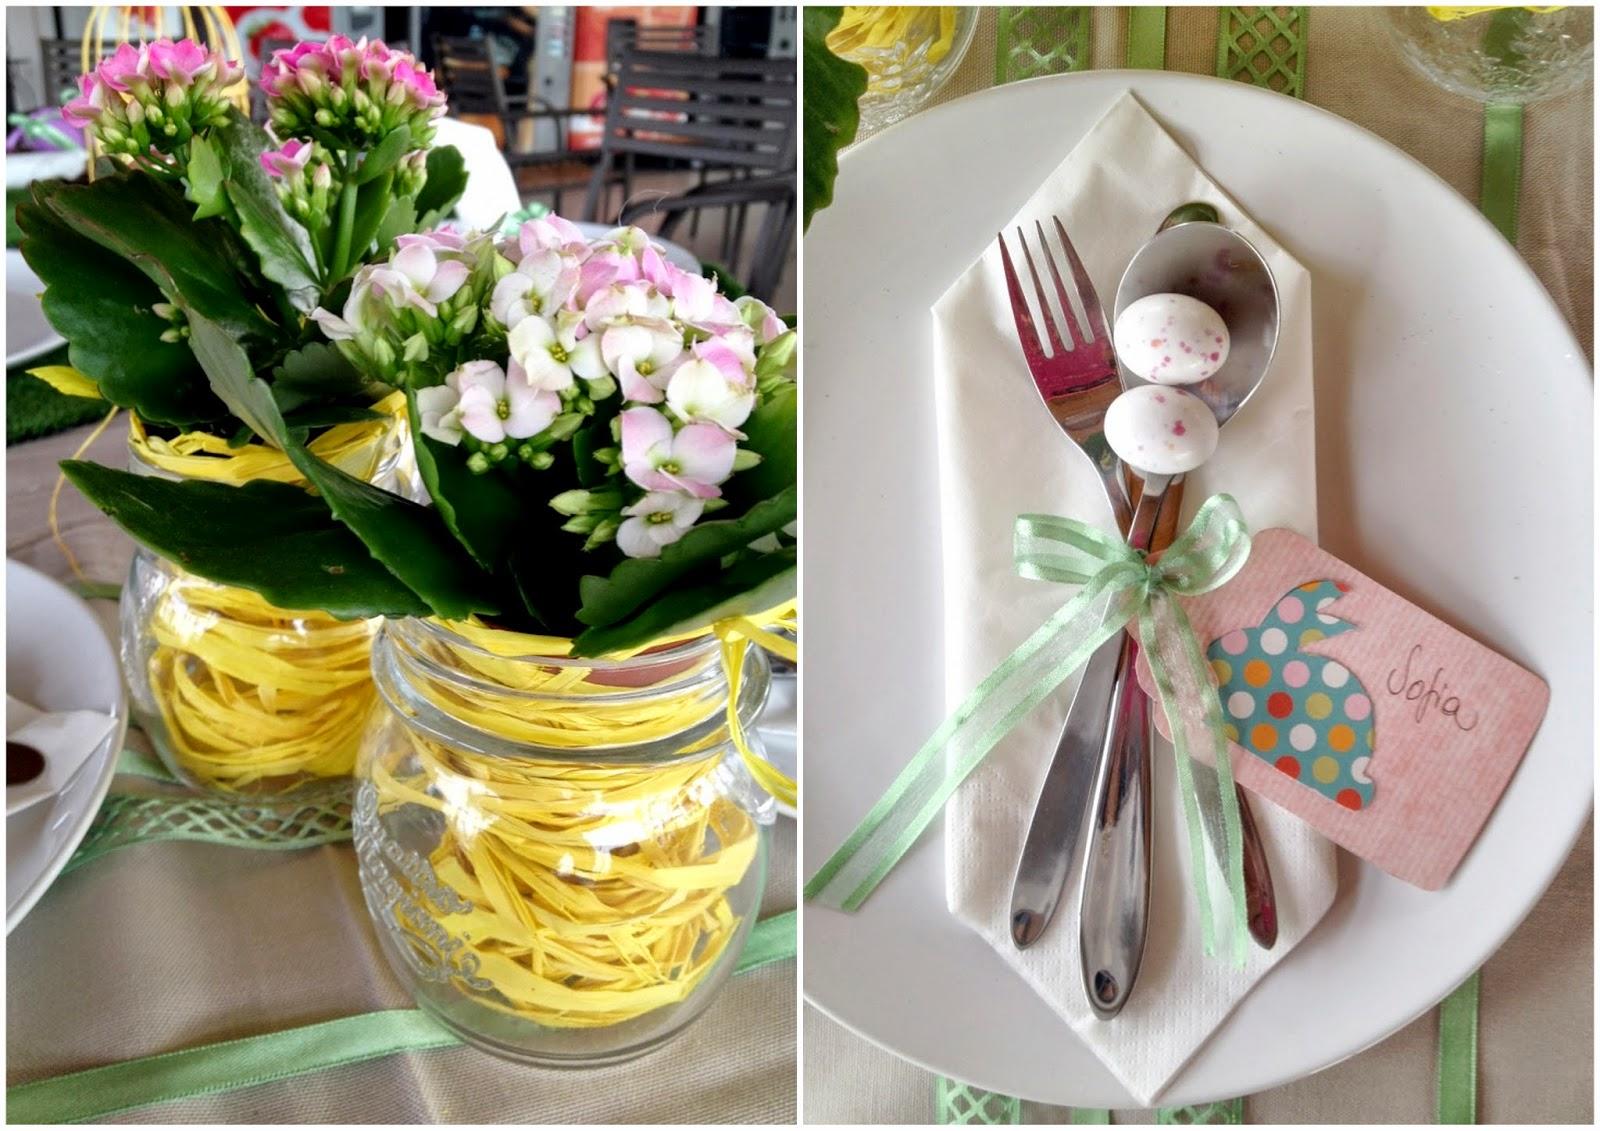 Appunti di una damigella creativa la primavera in tavola - Tavola di primavera idee ...